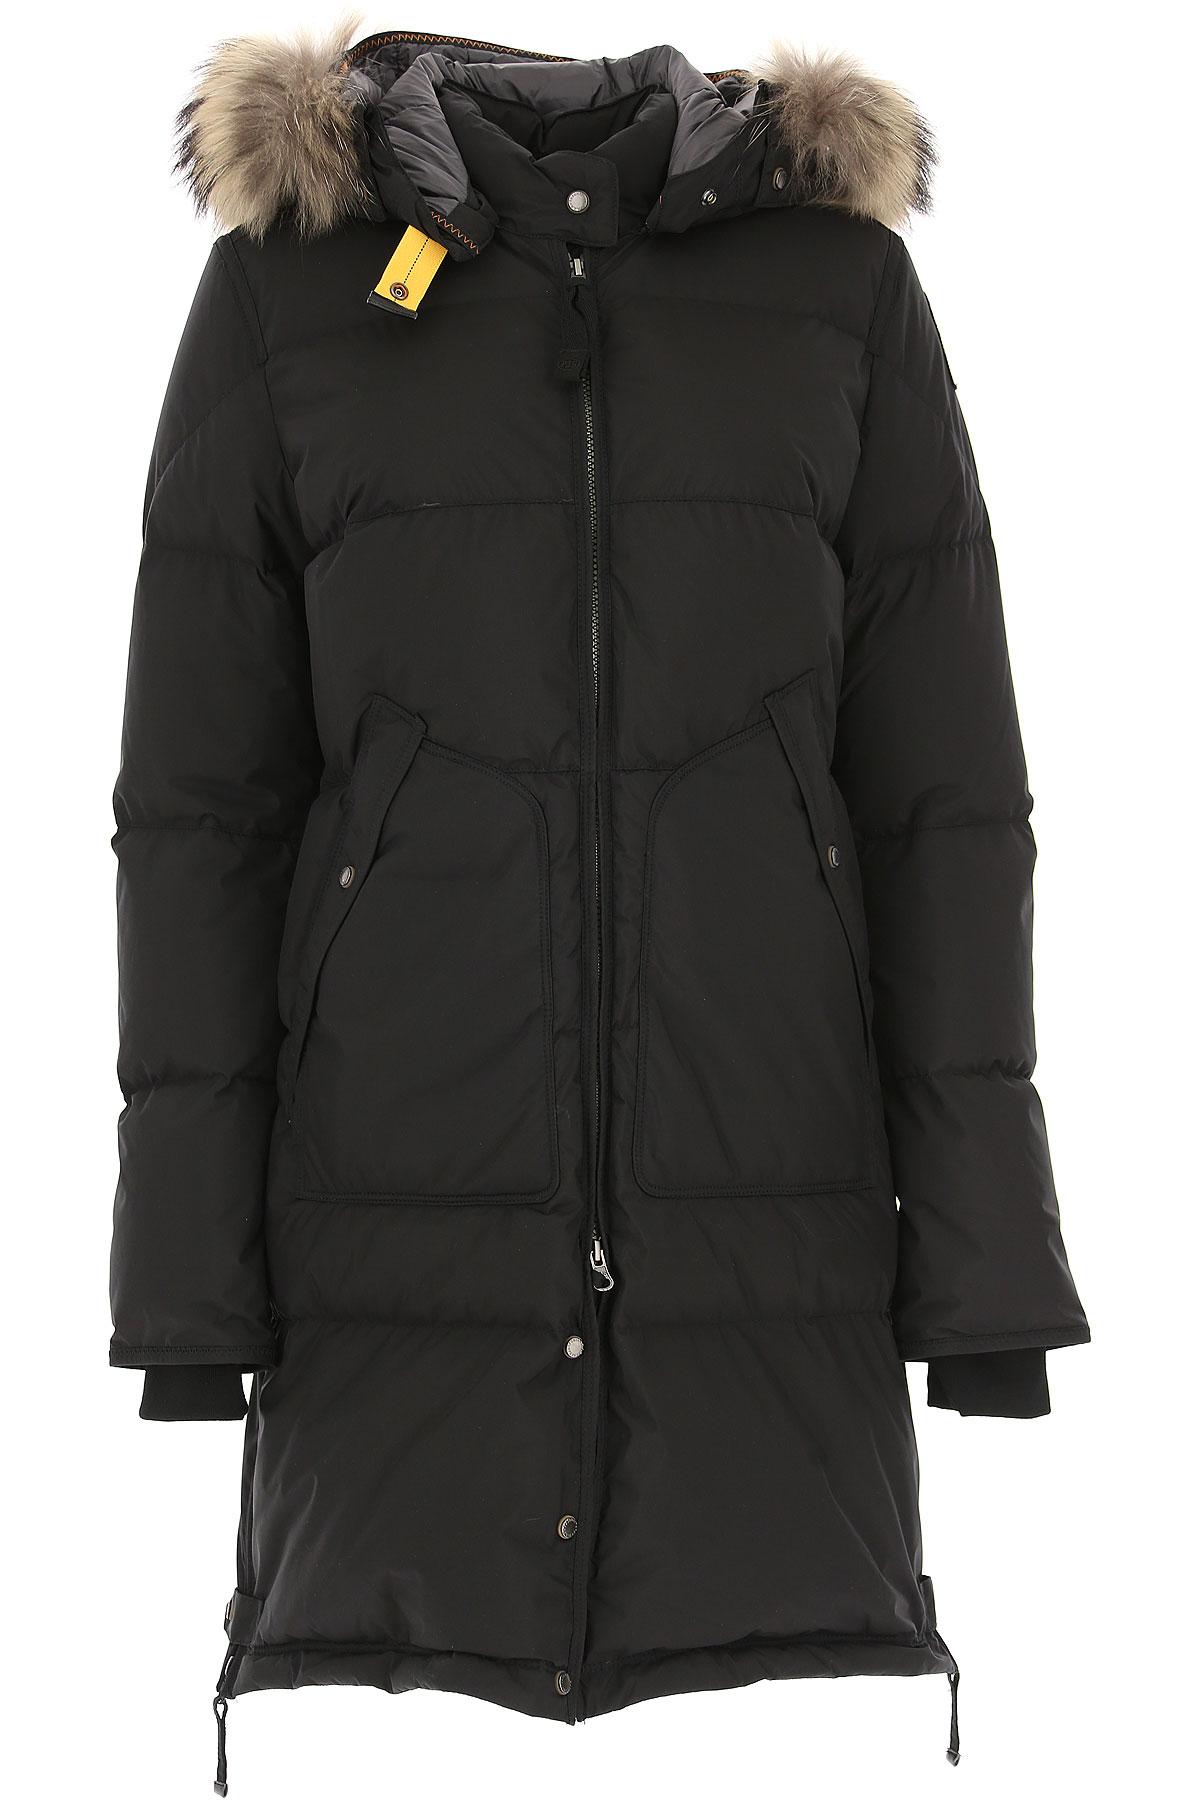 Image of 032c Down Jacket for Women, Puffer Ski Jacket, Black, polyamide, 2017, 4 6 8